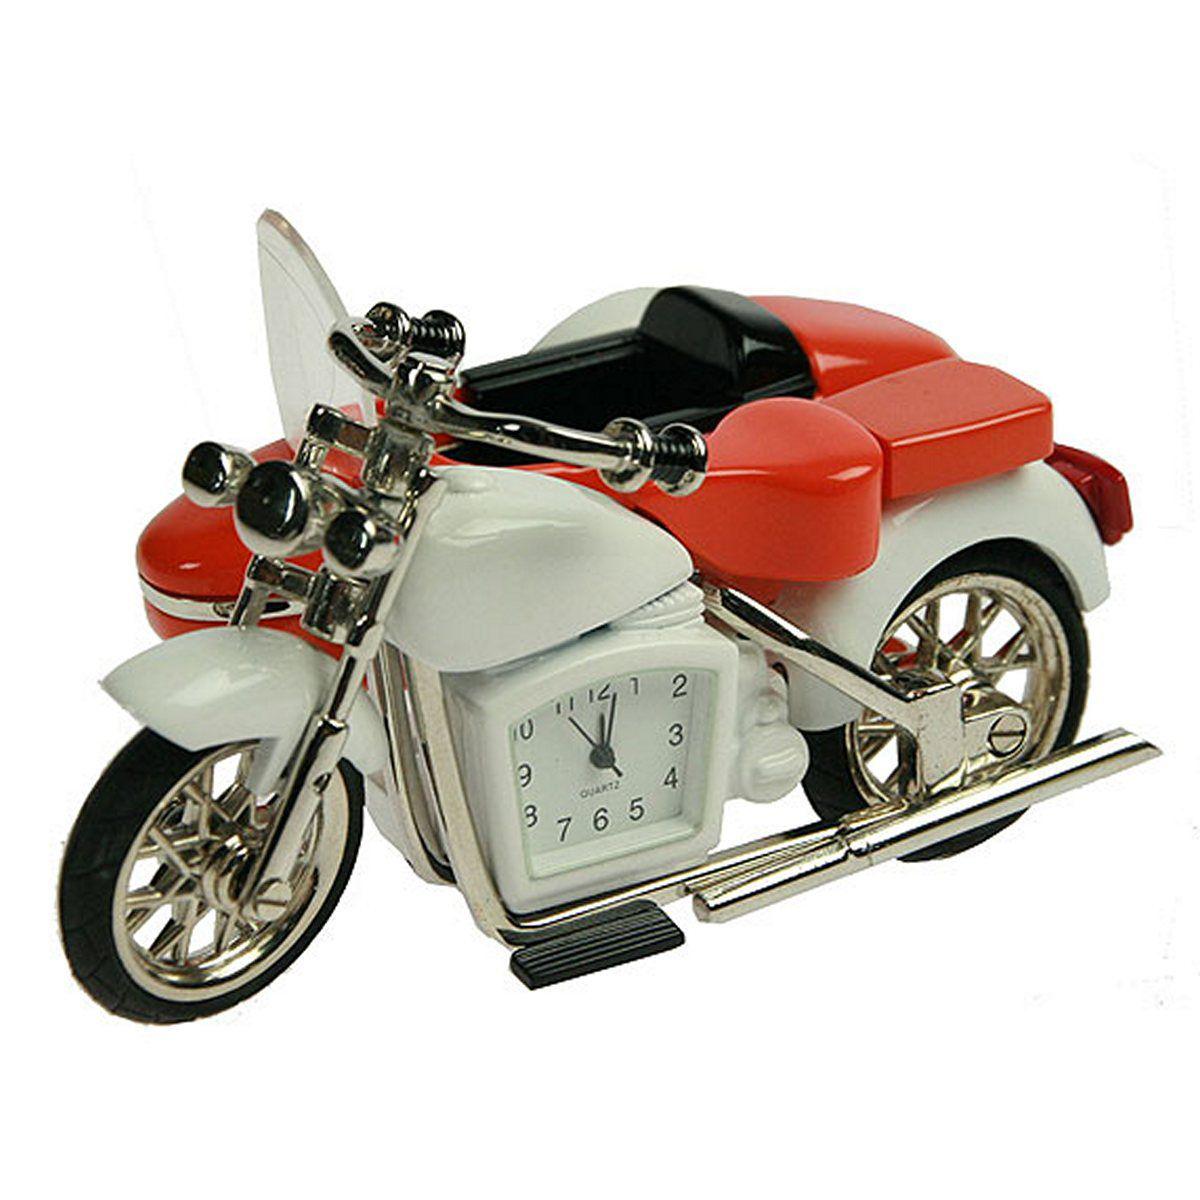 Часы настольные Русские Подарки Мотоцикл, 7 х 10 х 5 см. 2242522425Настольные кварцевые часы Русские Подарки Мотоцикл изготовлены из металла. Корпус оригинально оформлен в виде мотоцикла. Часы имеют три стрелки - часовую, минутную и секундную. Такие часы украсят интерьер дома или рабочий стол в офисе. Также часы могут стать уникальным, полезным подарком для родственников, коллег, знакомых и близких. Часы работают от батареек типа SR626 (в комплект не входят).